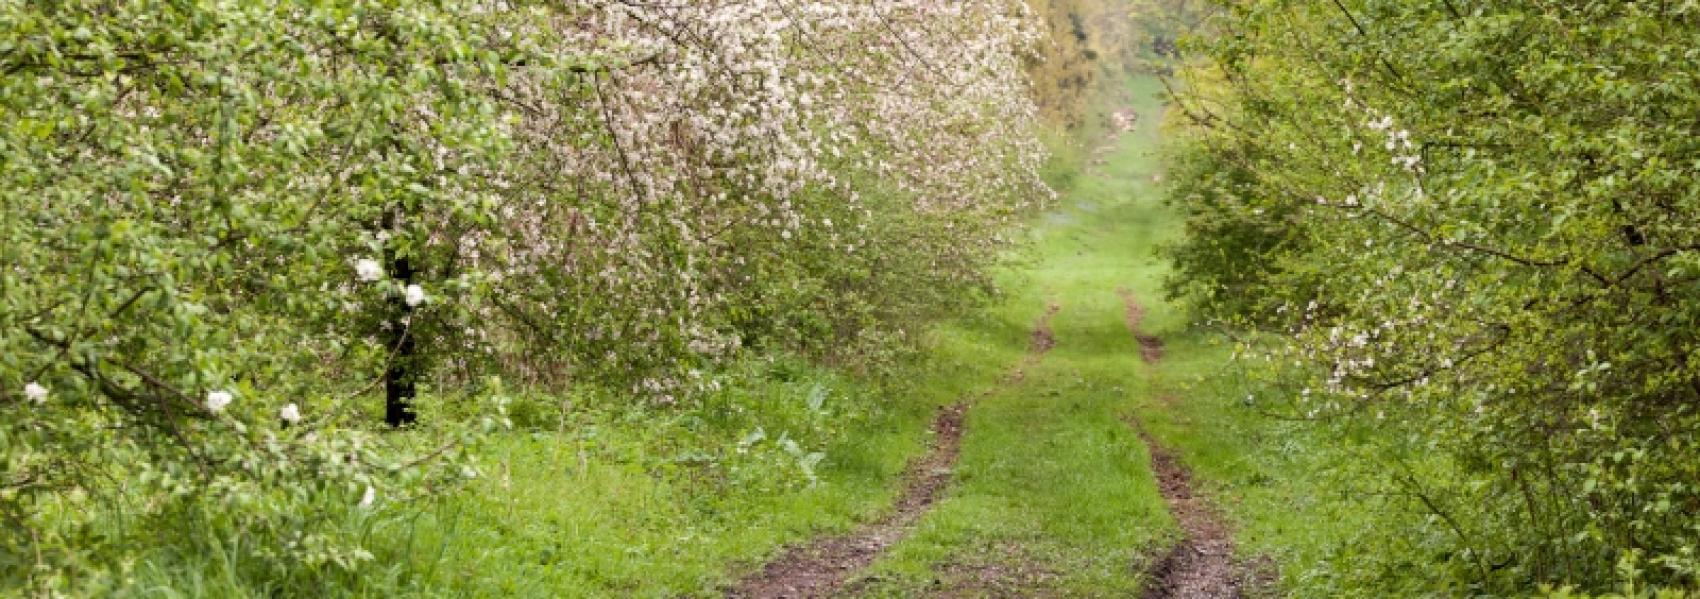 wandelpad tussen de struiken